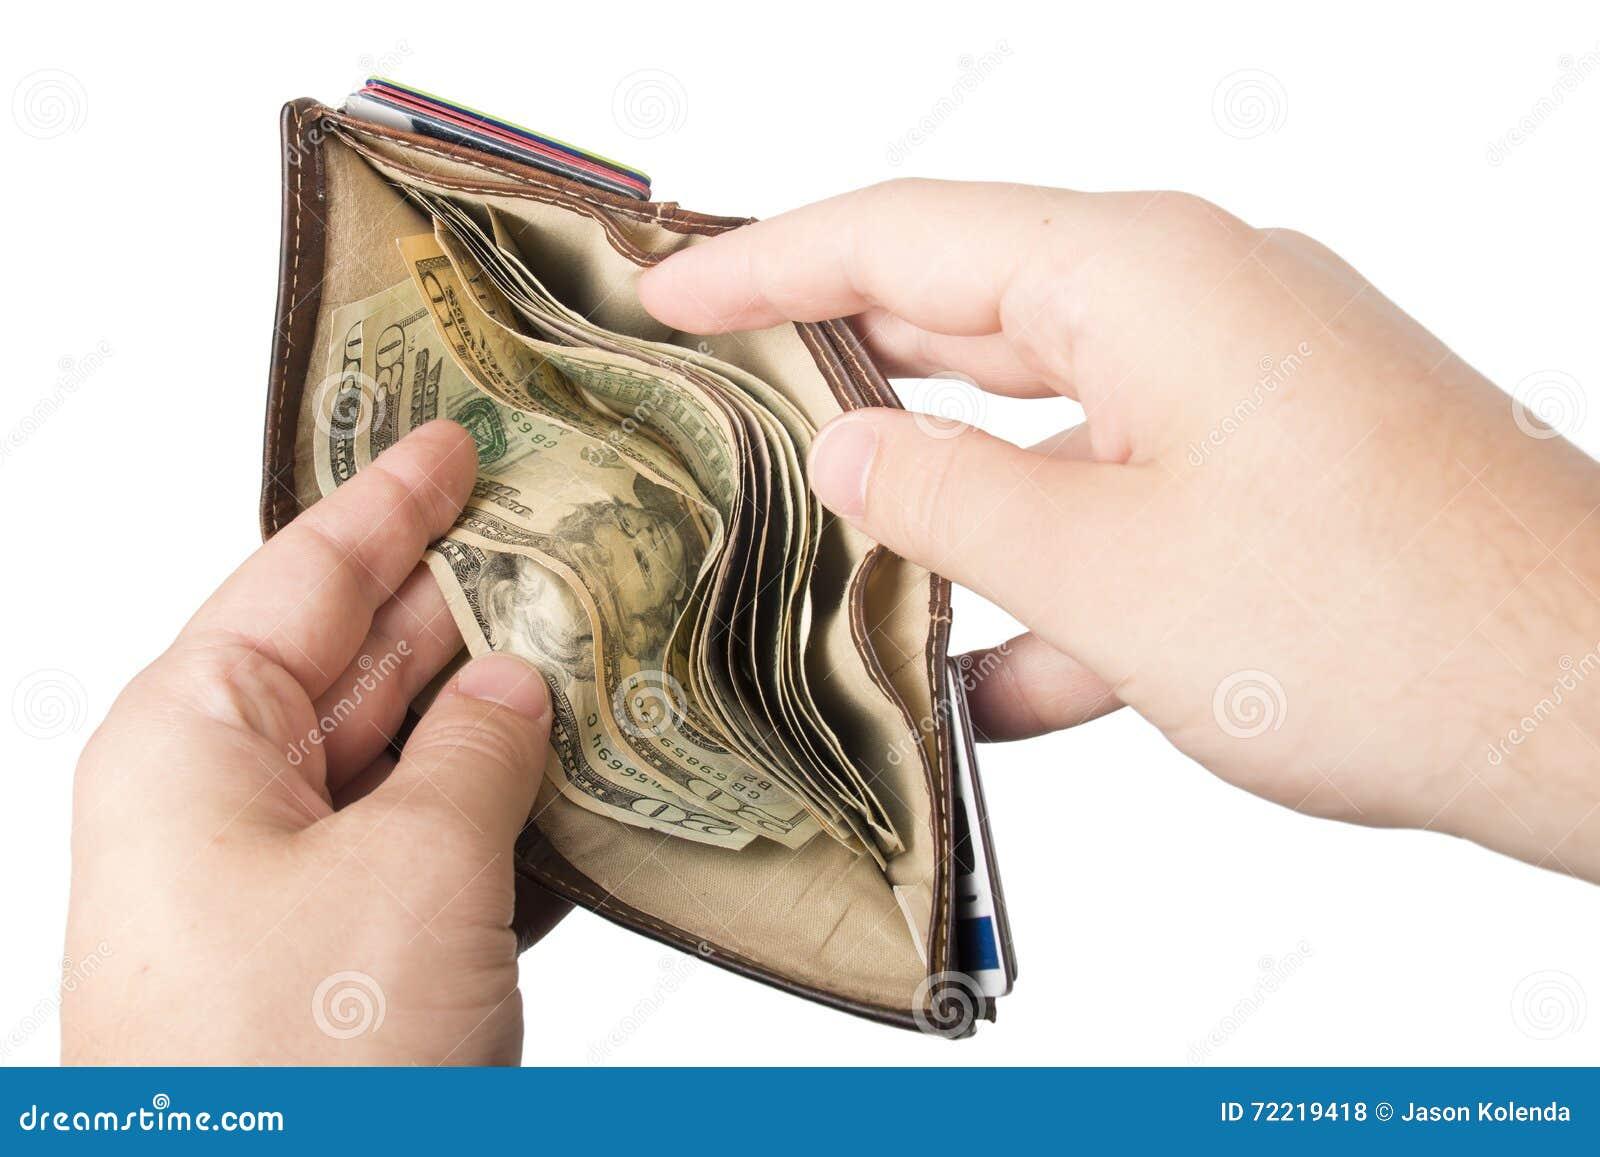 Portefeuille gehouden met contant geld open